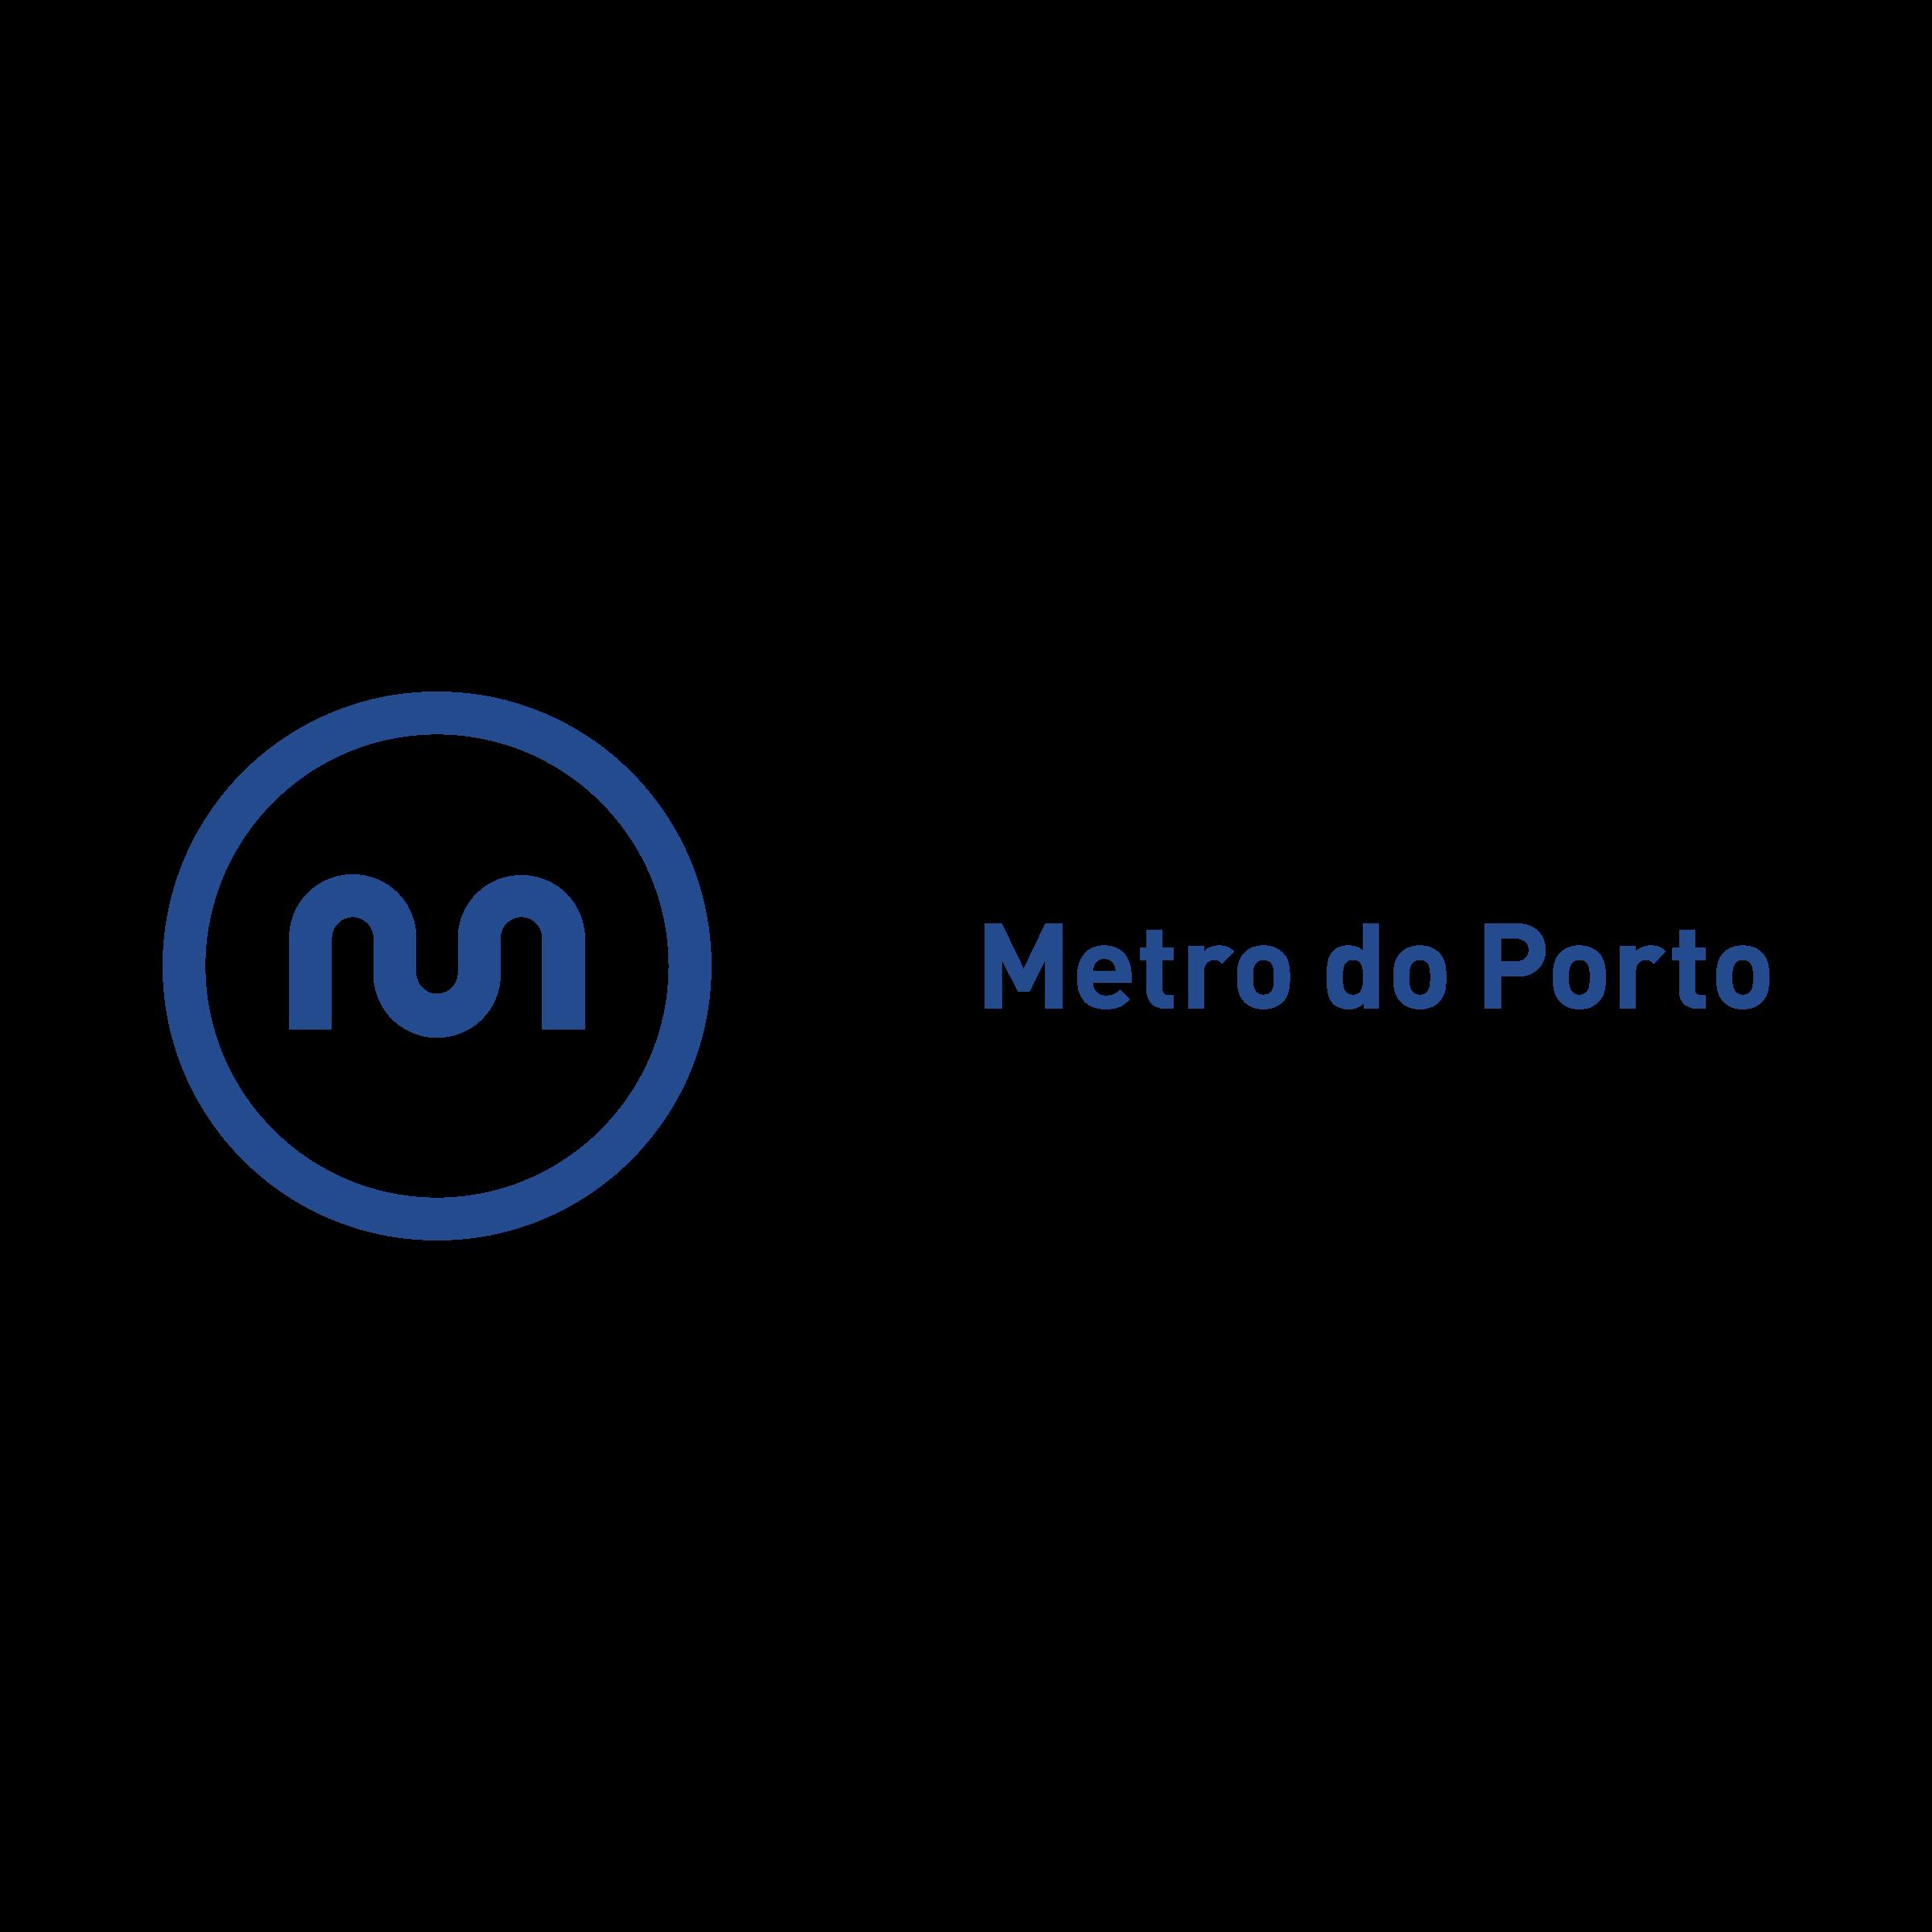 metro-do-porto-1-logo-png-transparent